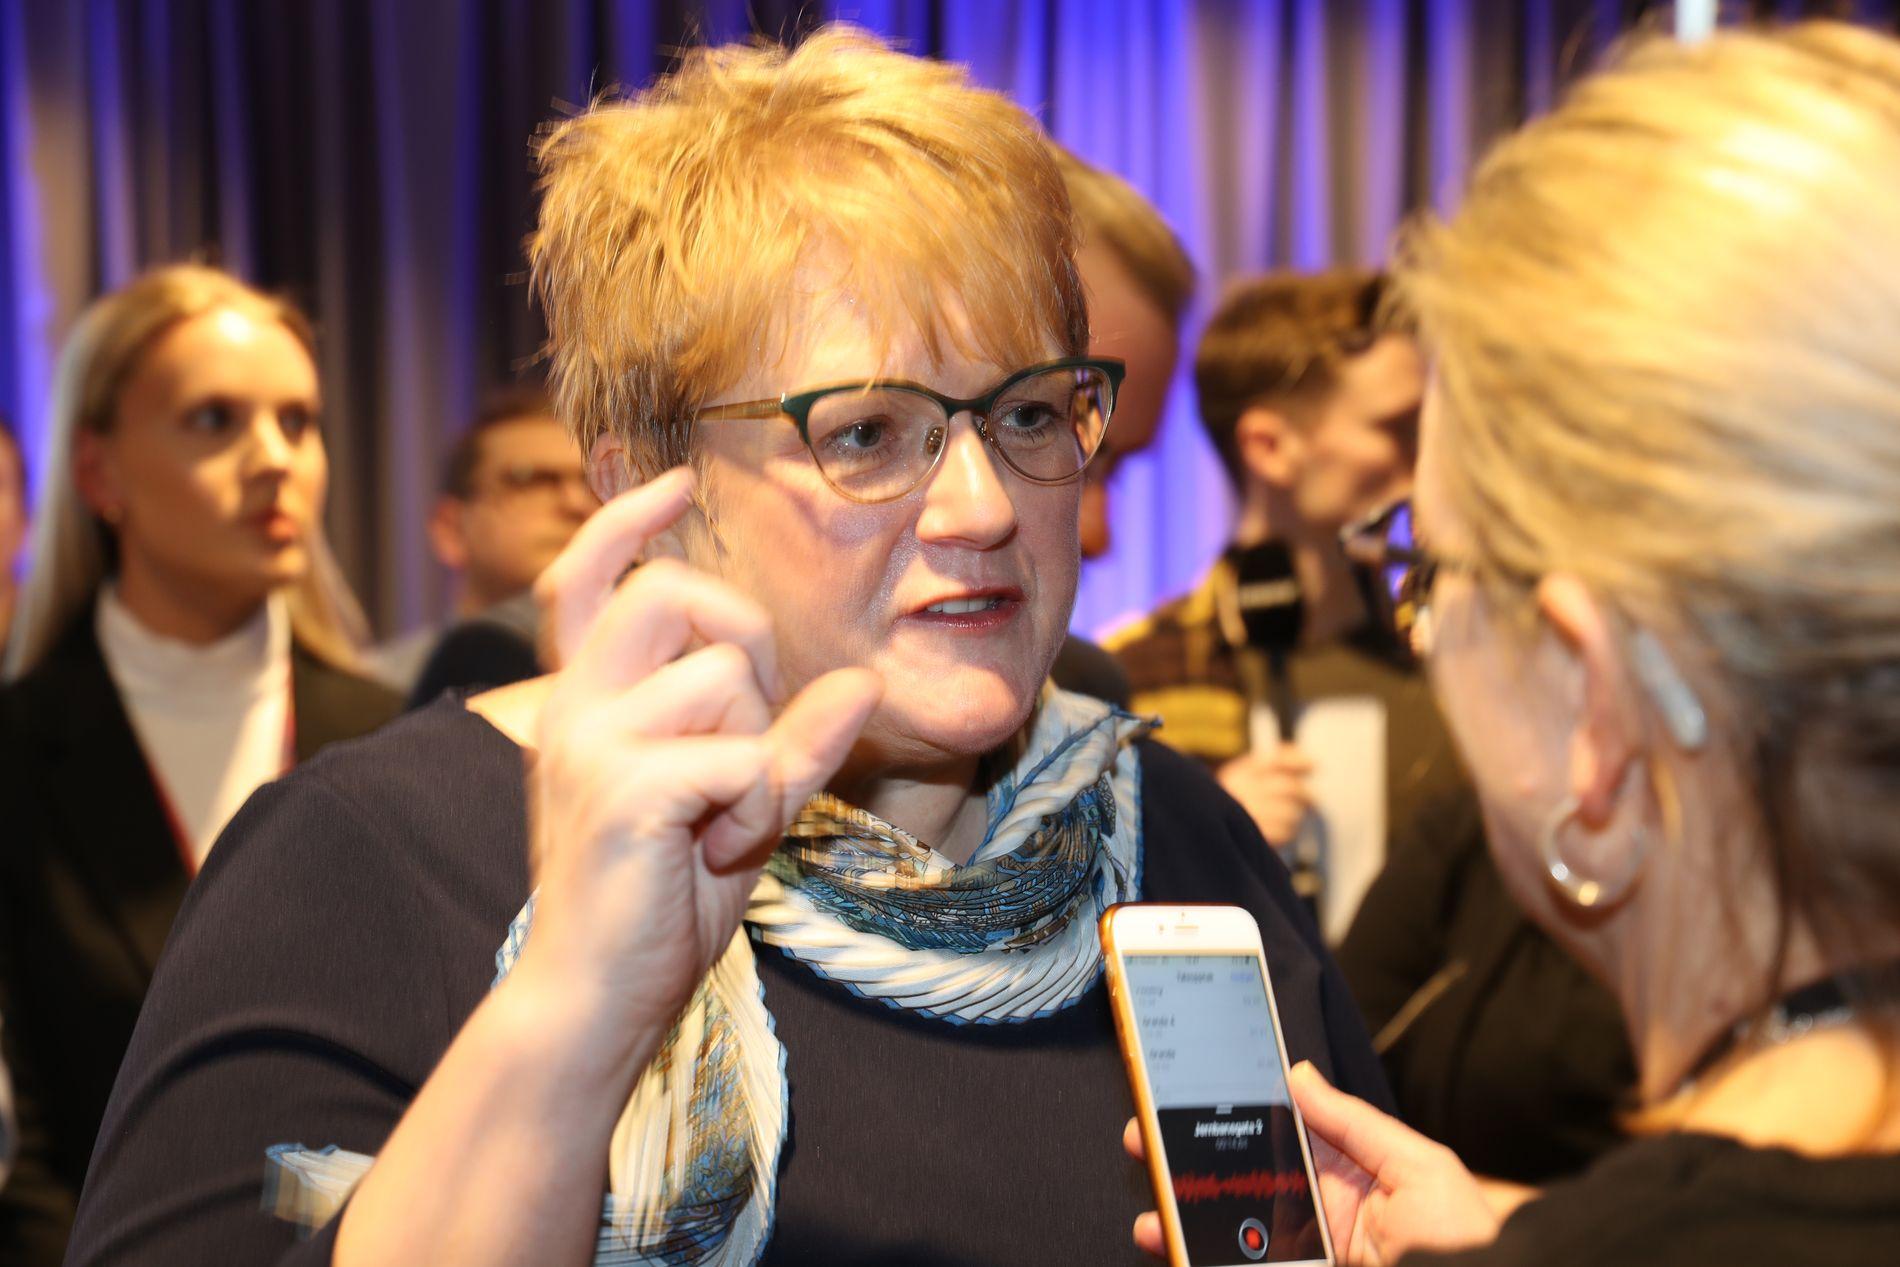 HØYT UT: Kulturminister Trine Skei Grande vil ha slutt på flommen av spillreklame.